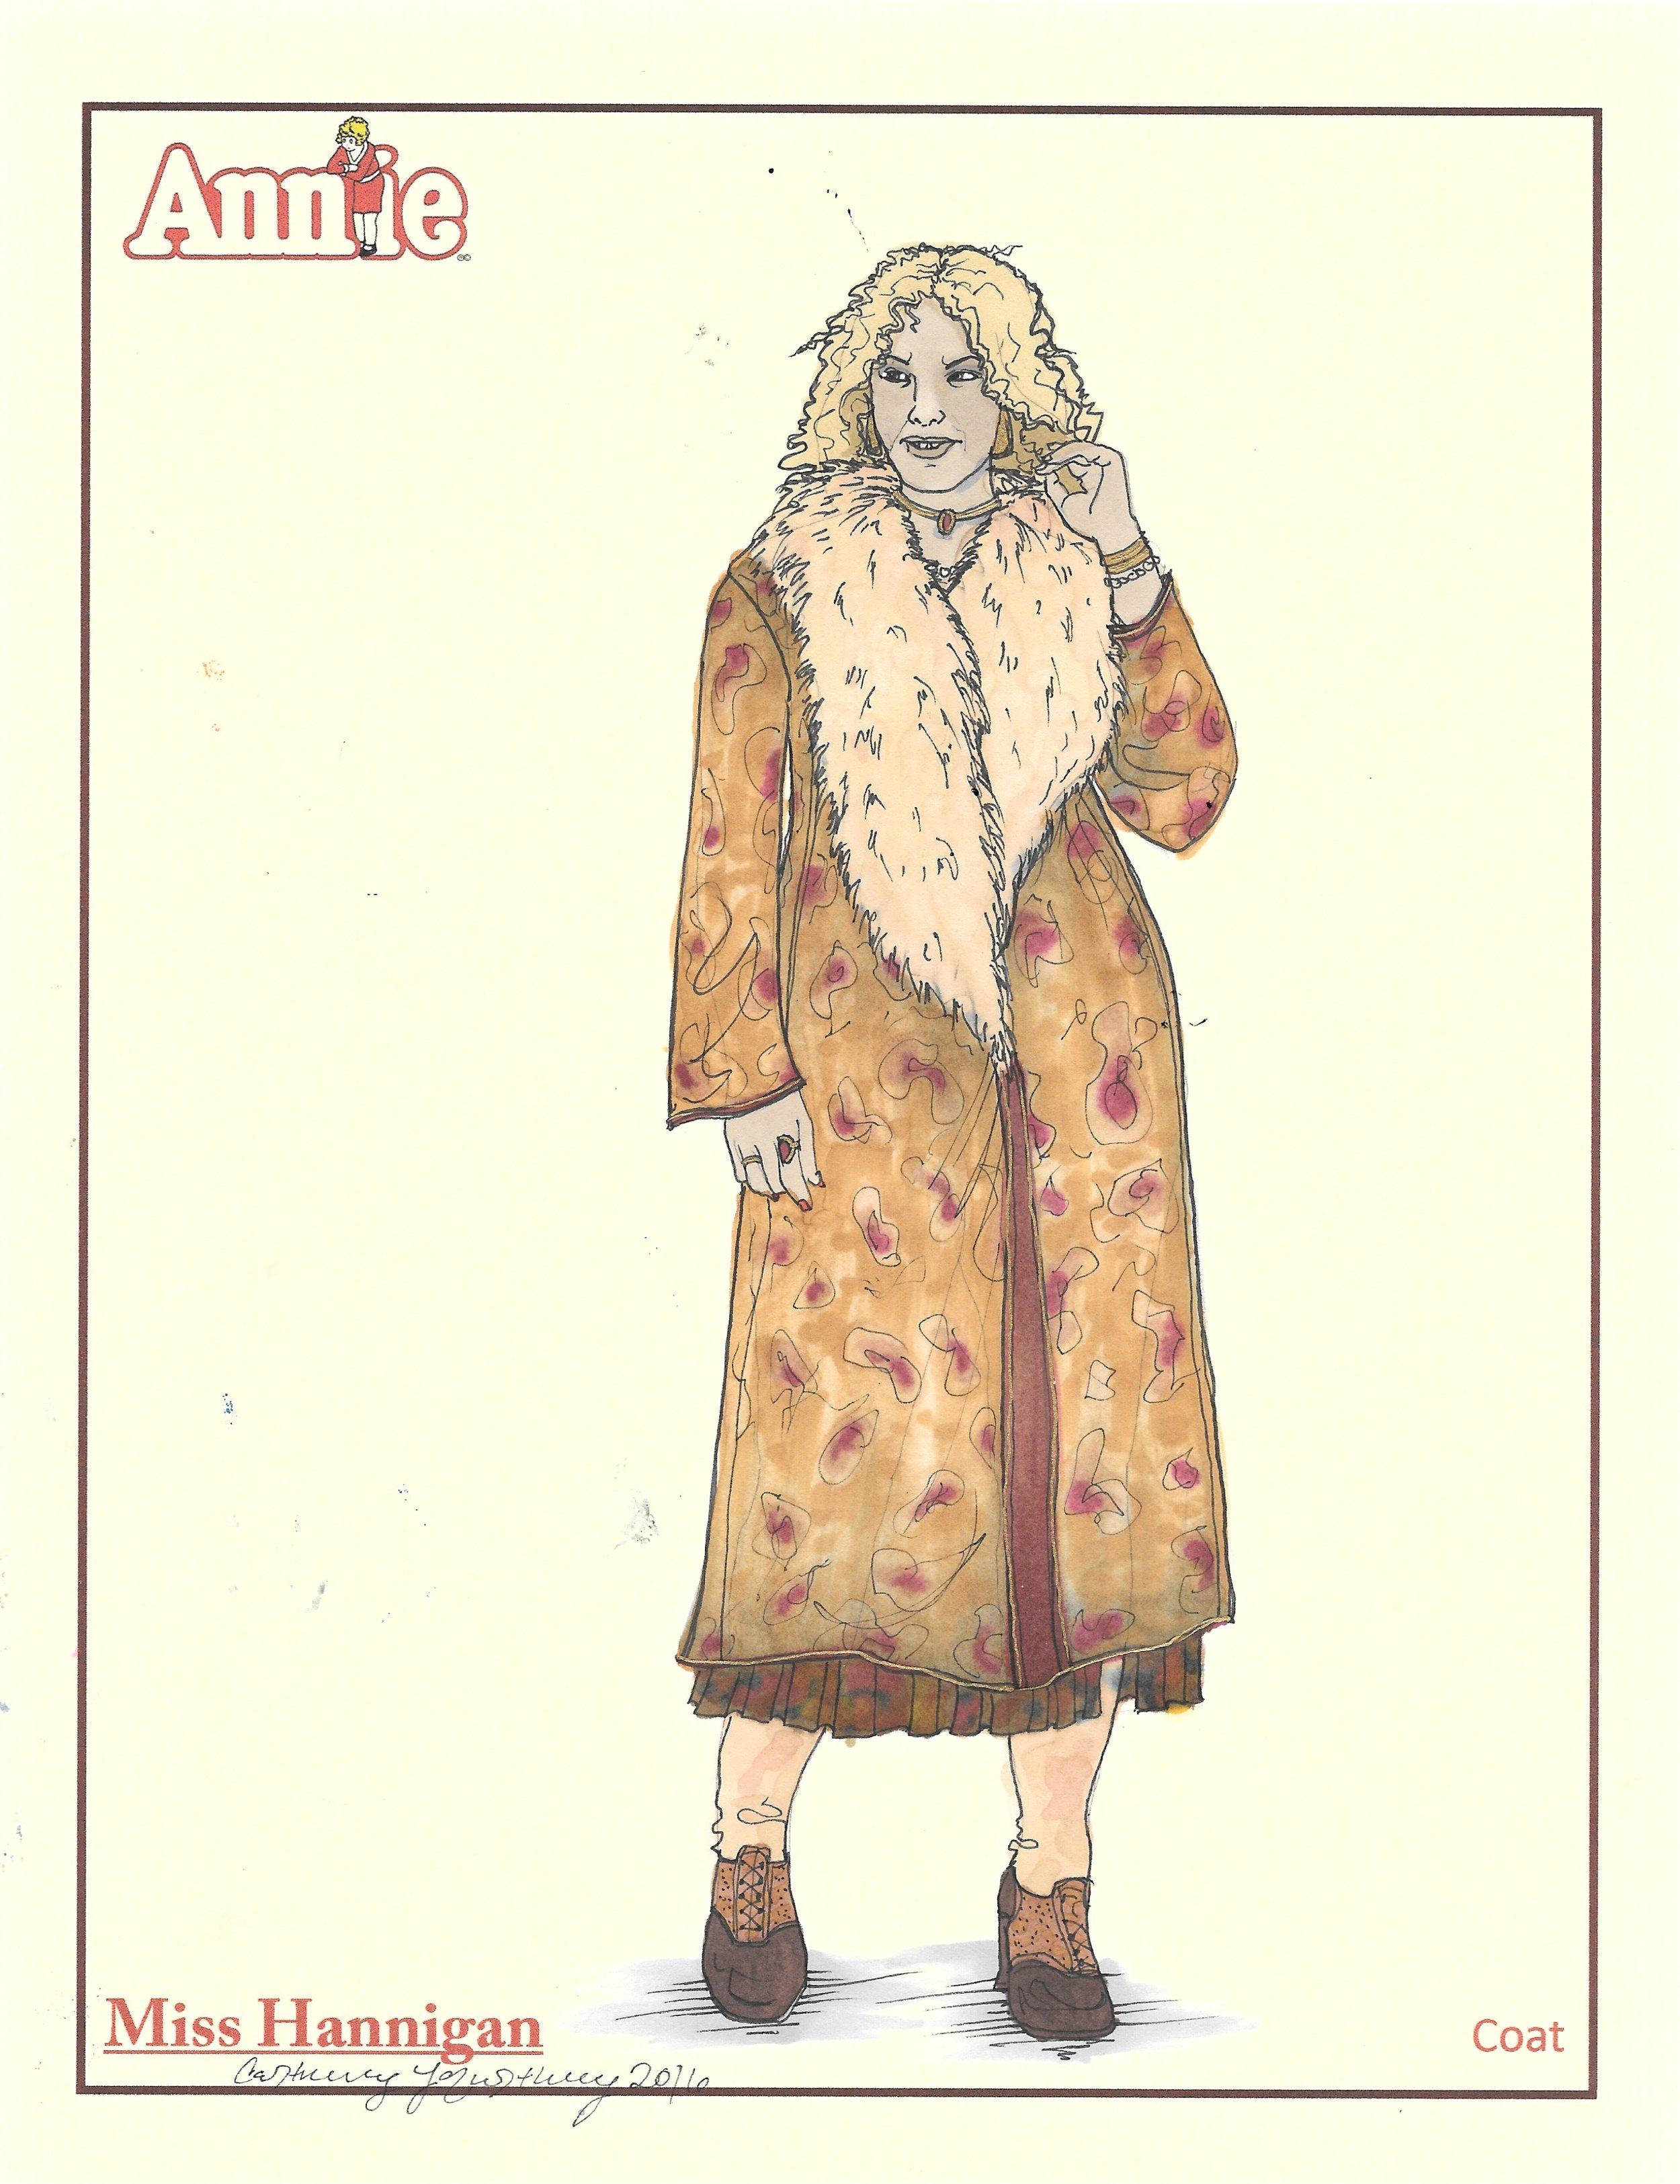 Miss Hannigan: Coat